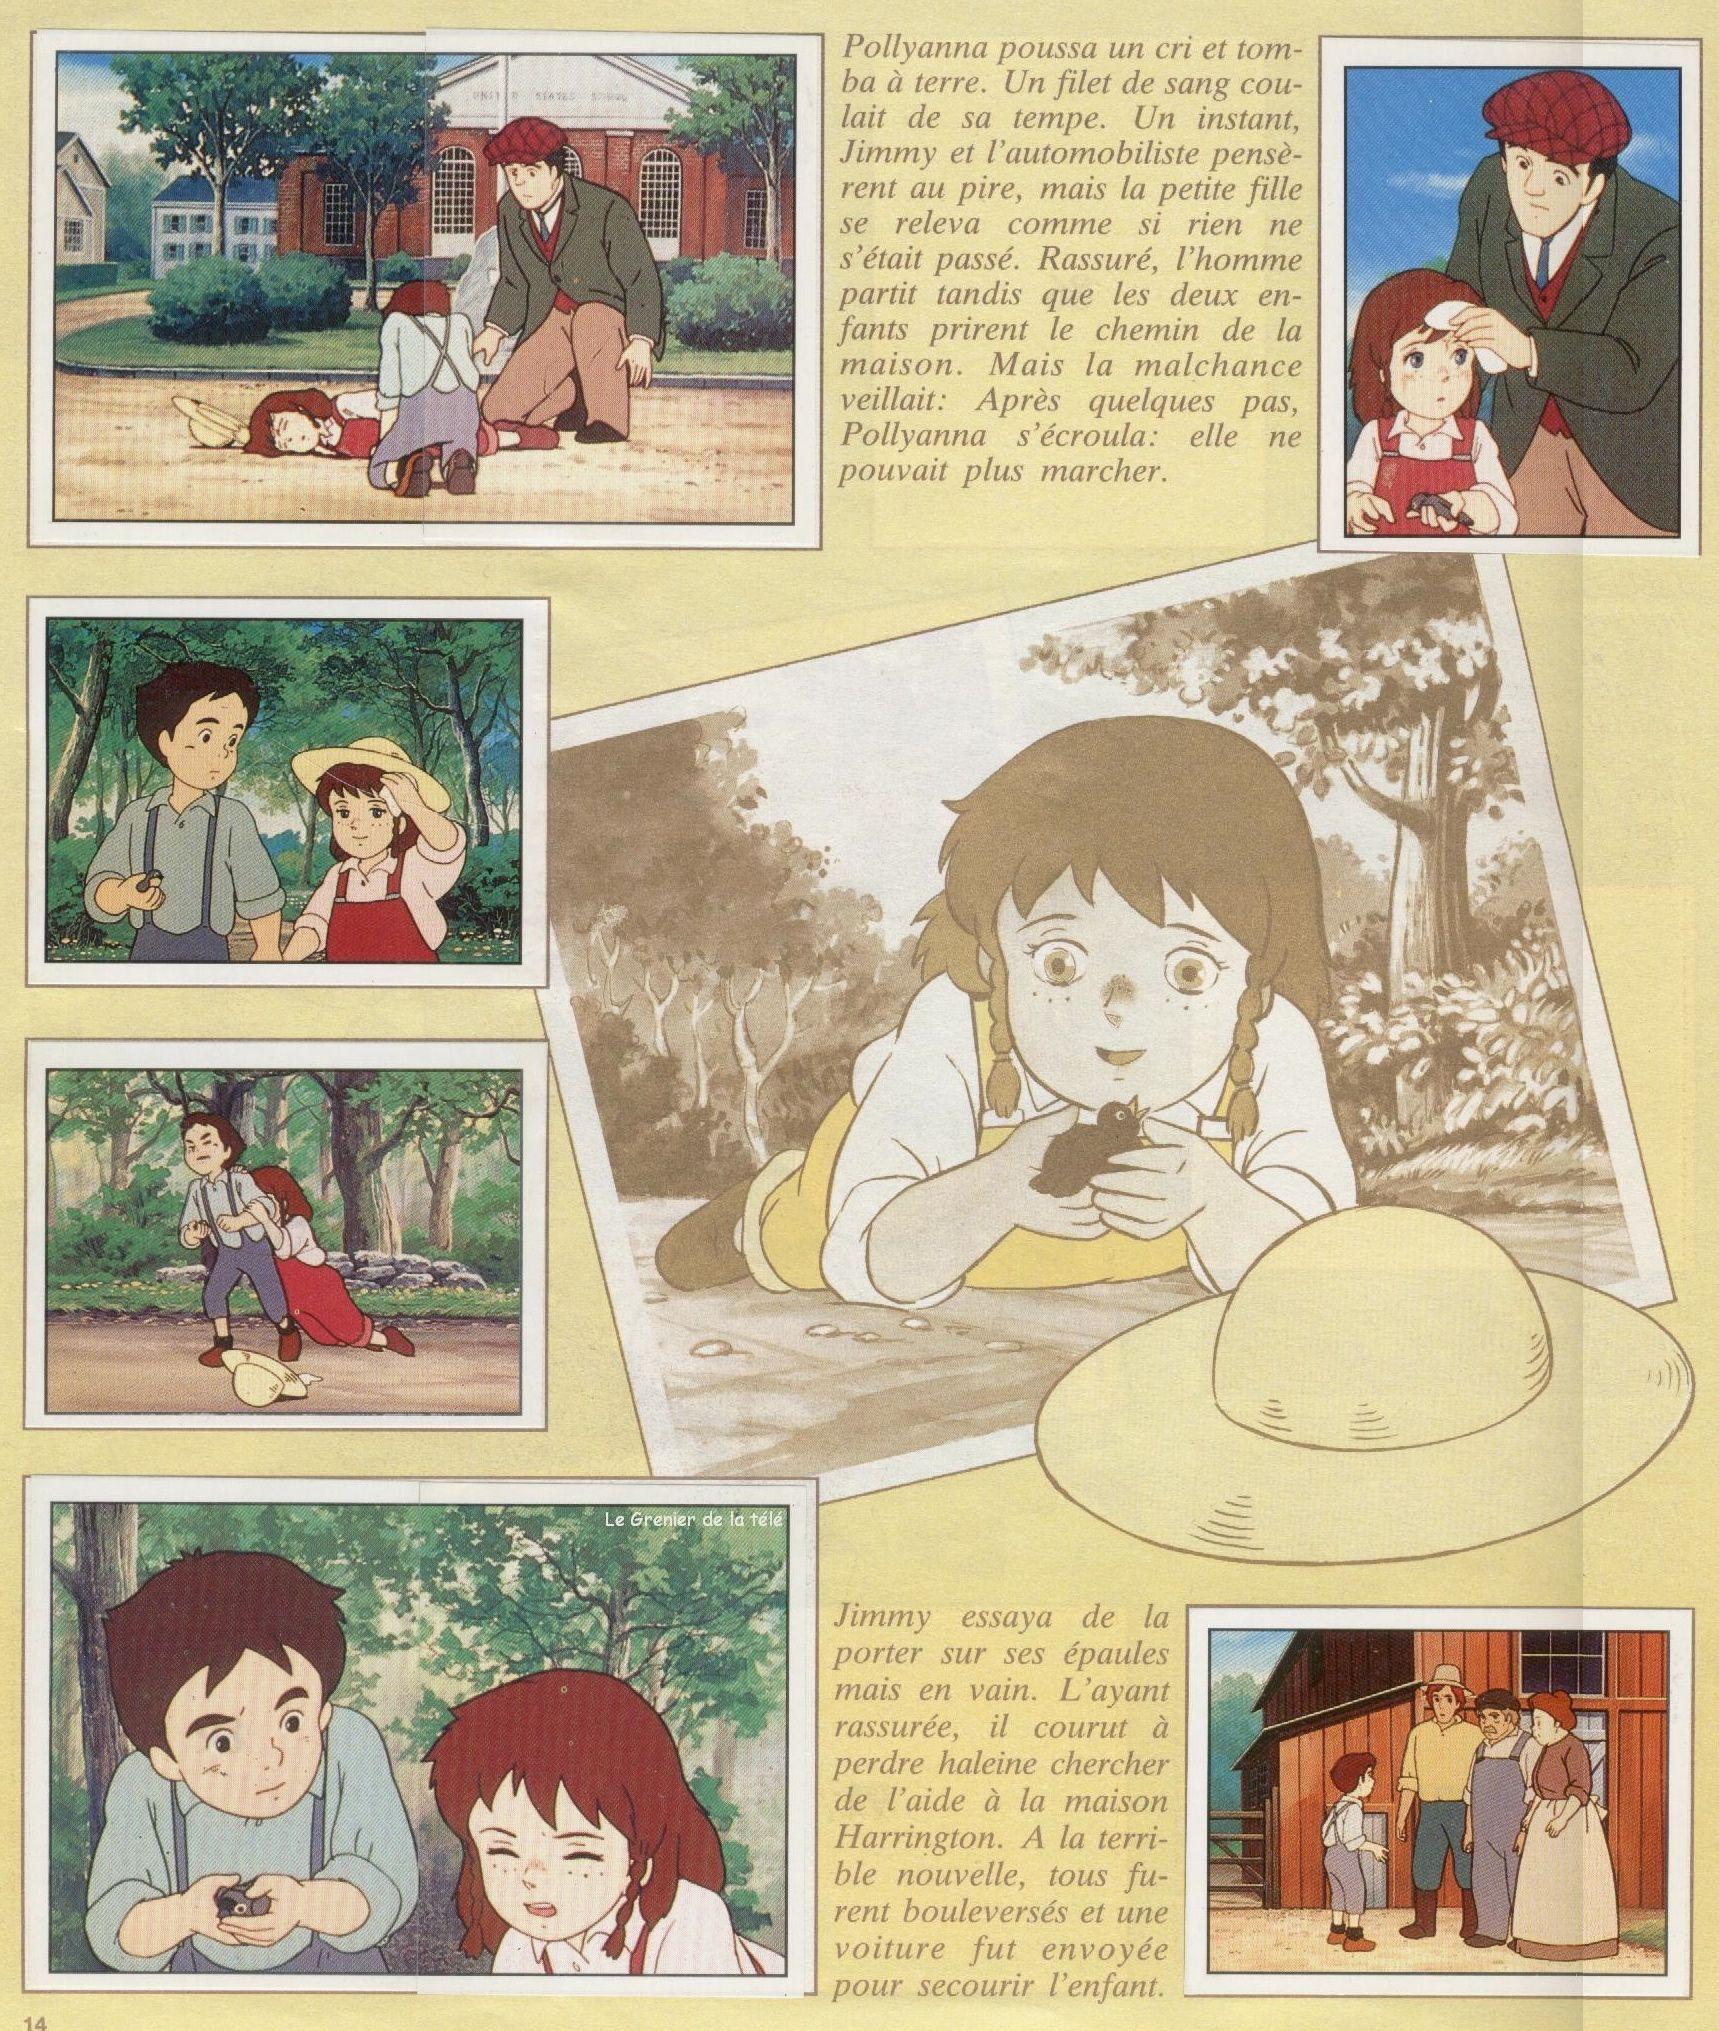 http://grenierdelatv.free.fr/polly14.jpg